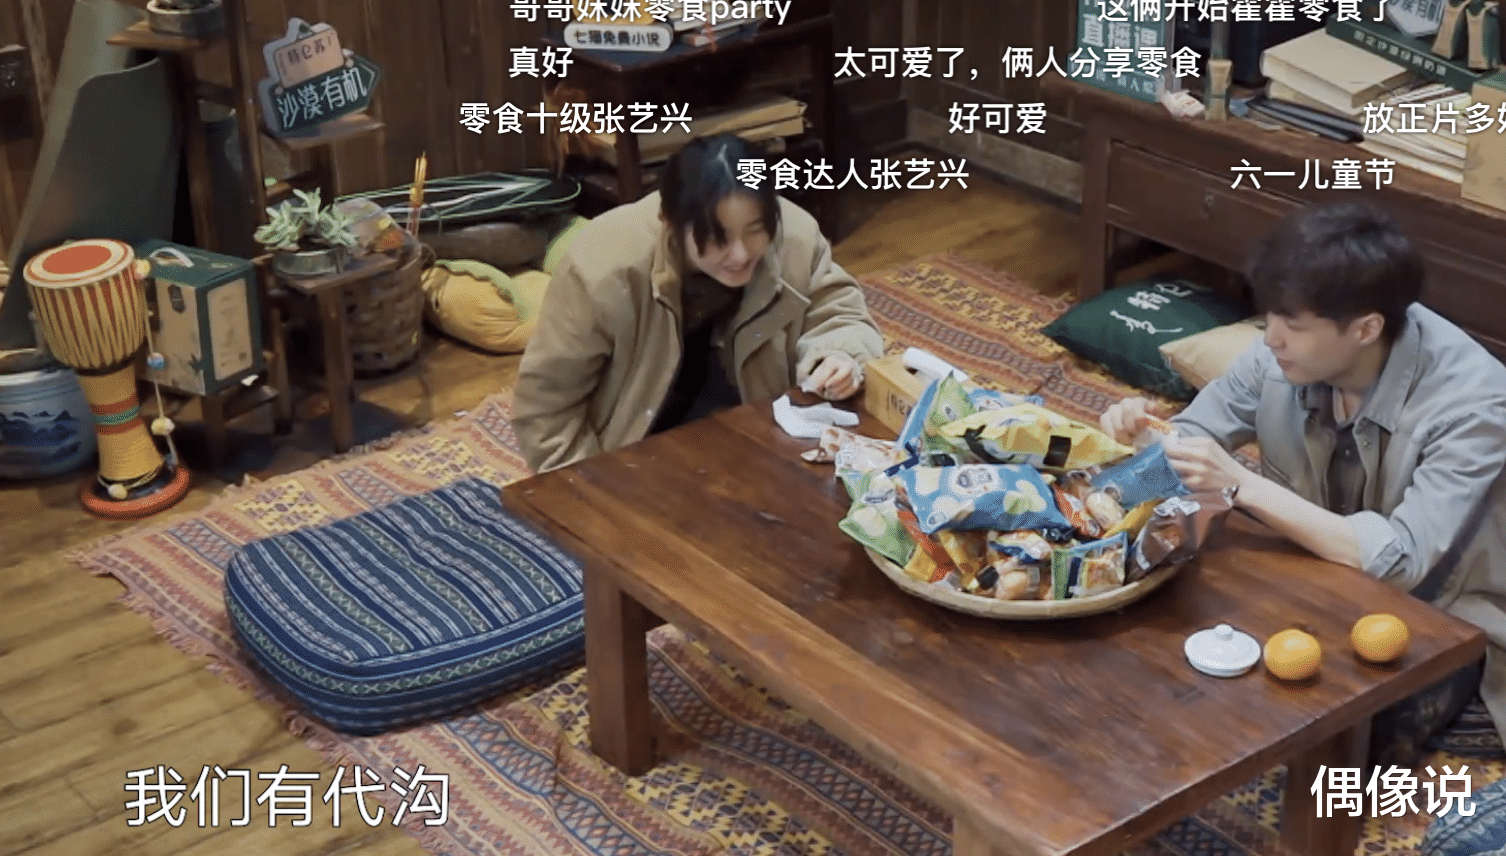 張藝興向張子楓安利三種零食,張子楓的吐槽好紮心:我們有代溝-圖10